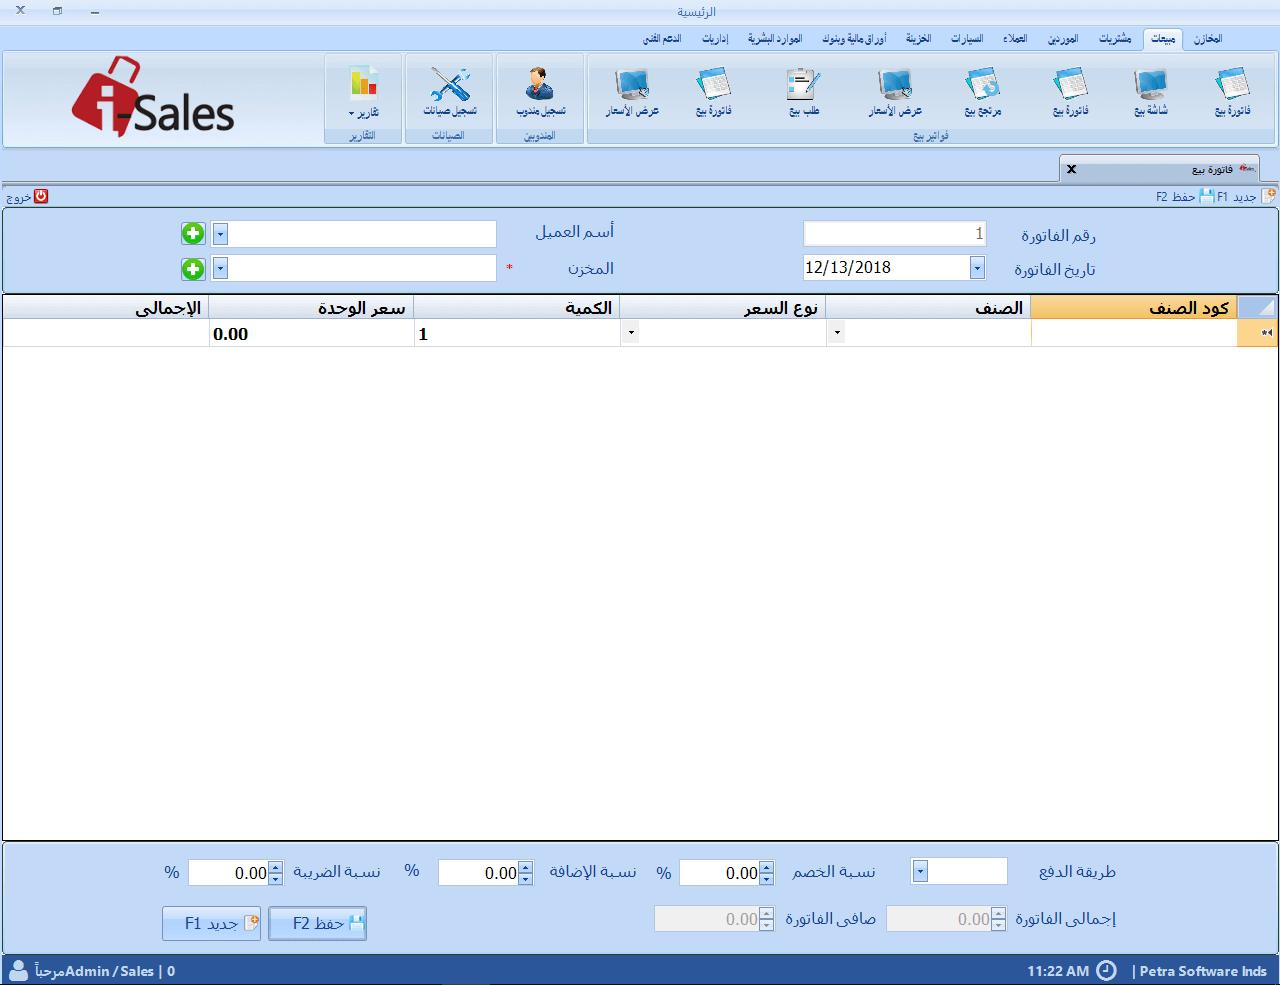 نموذج فاتورة بيع في برنامج حسابات